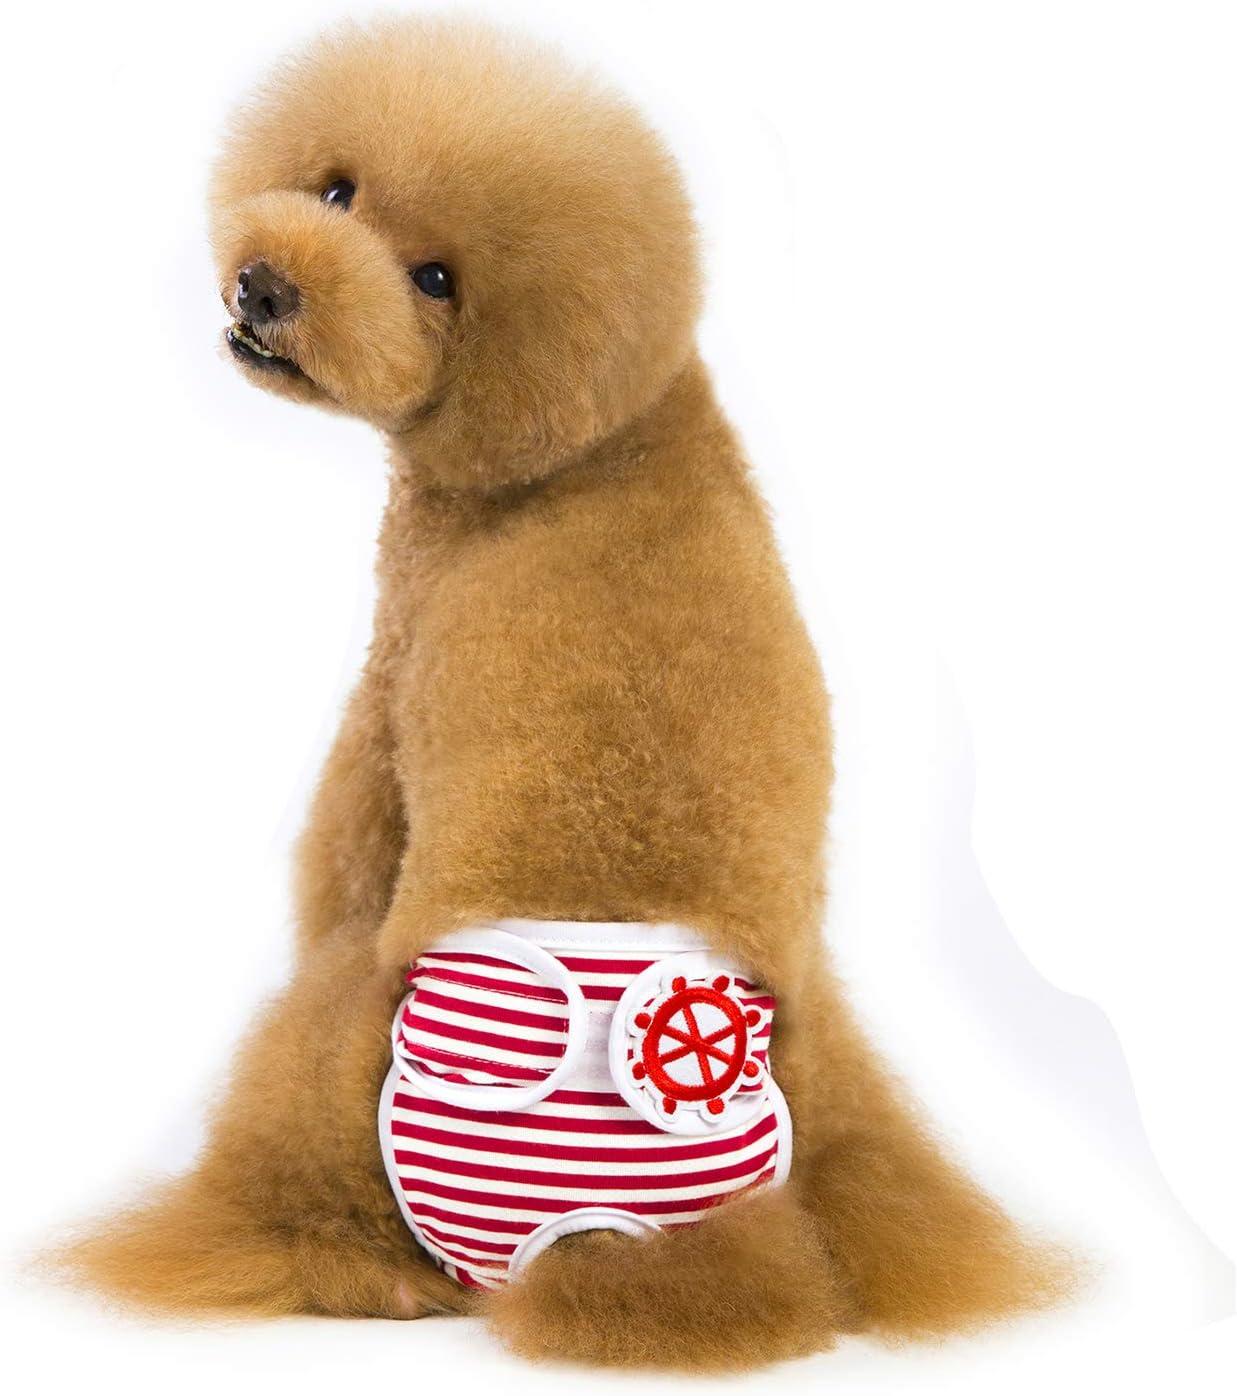 XS-L para Perros para incontinencia de Mascotas y Viajes Largos Cachorros Elegantes y duraderos Pa/ñales Reutilizables para Perro Lavables